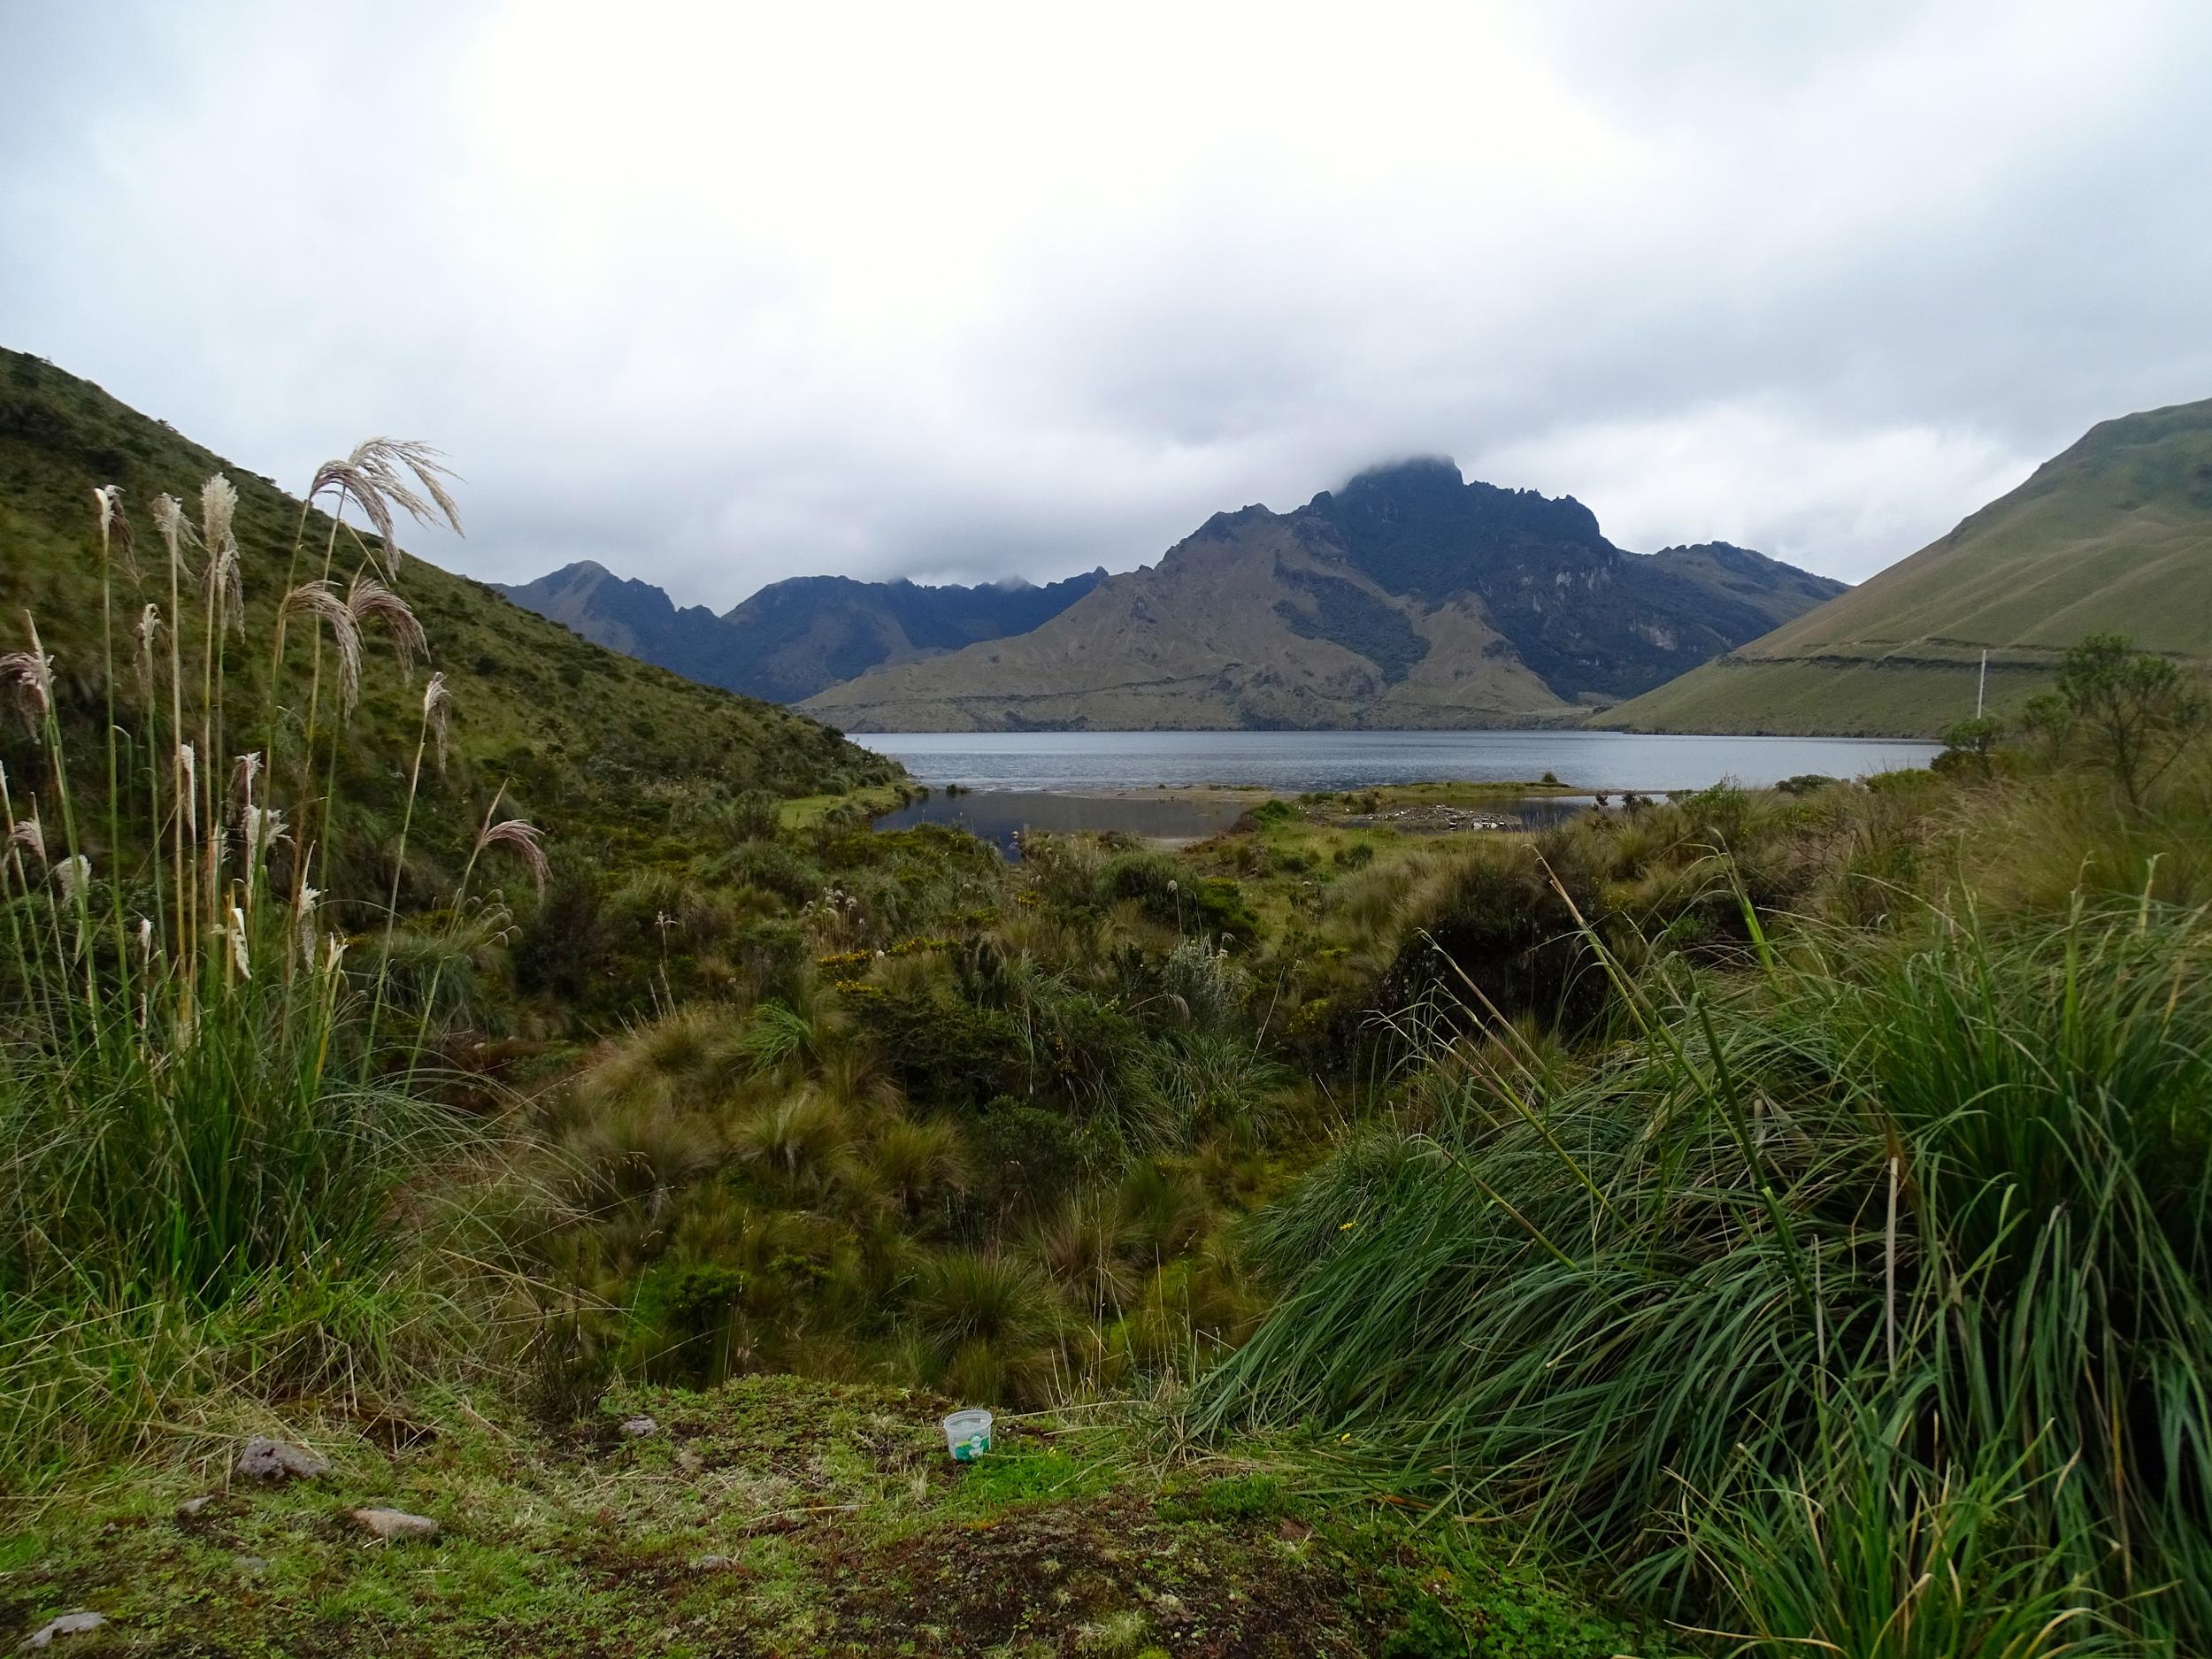 Lake Mojanda at 14,000' elevation